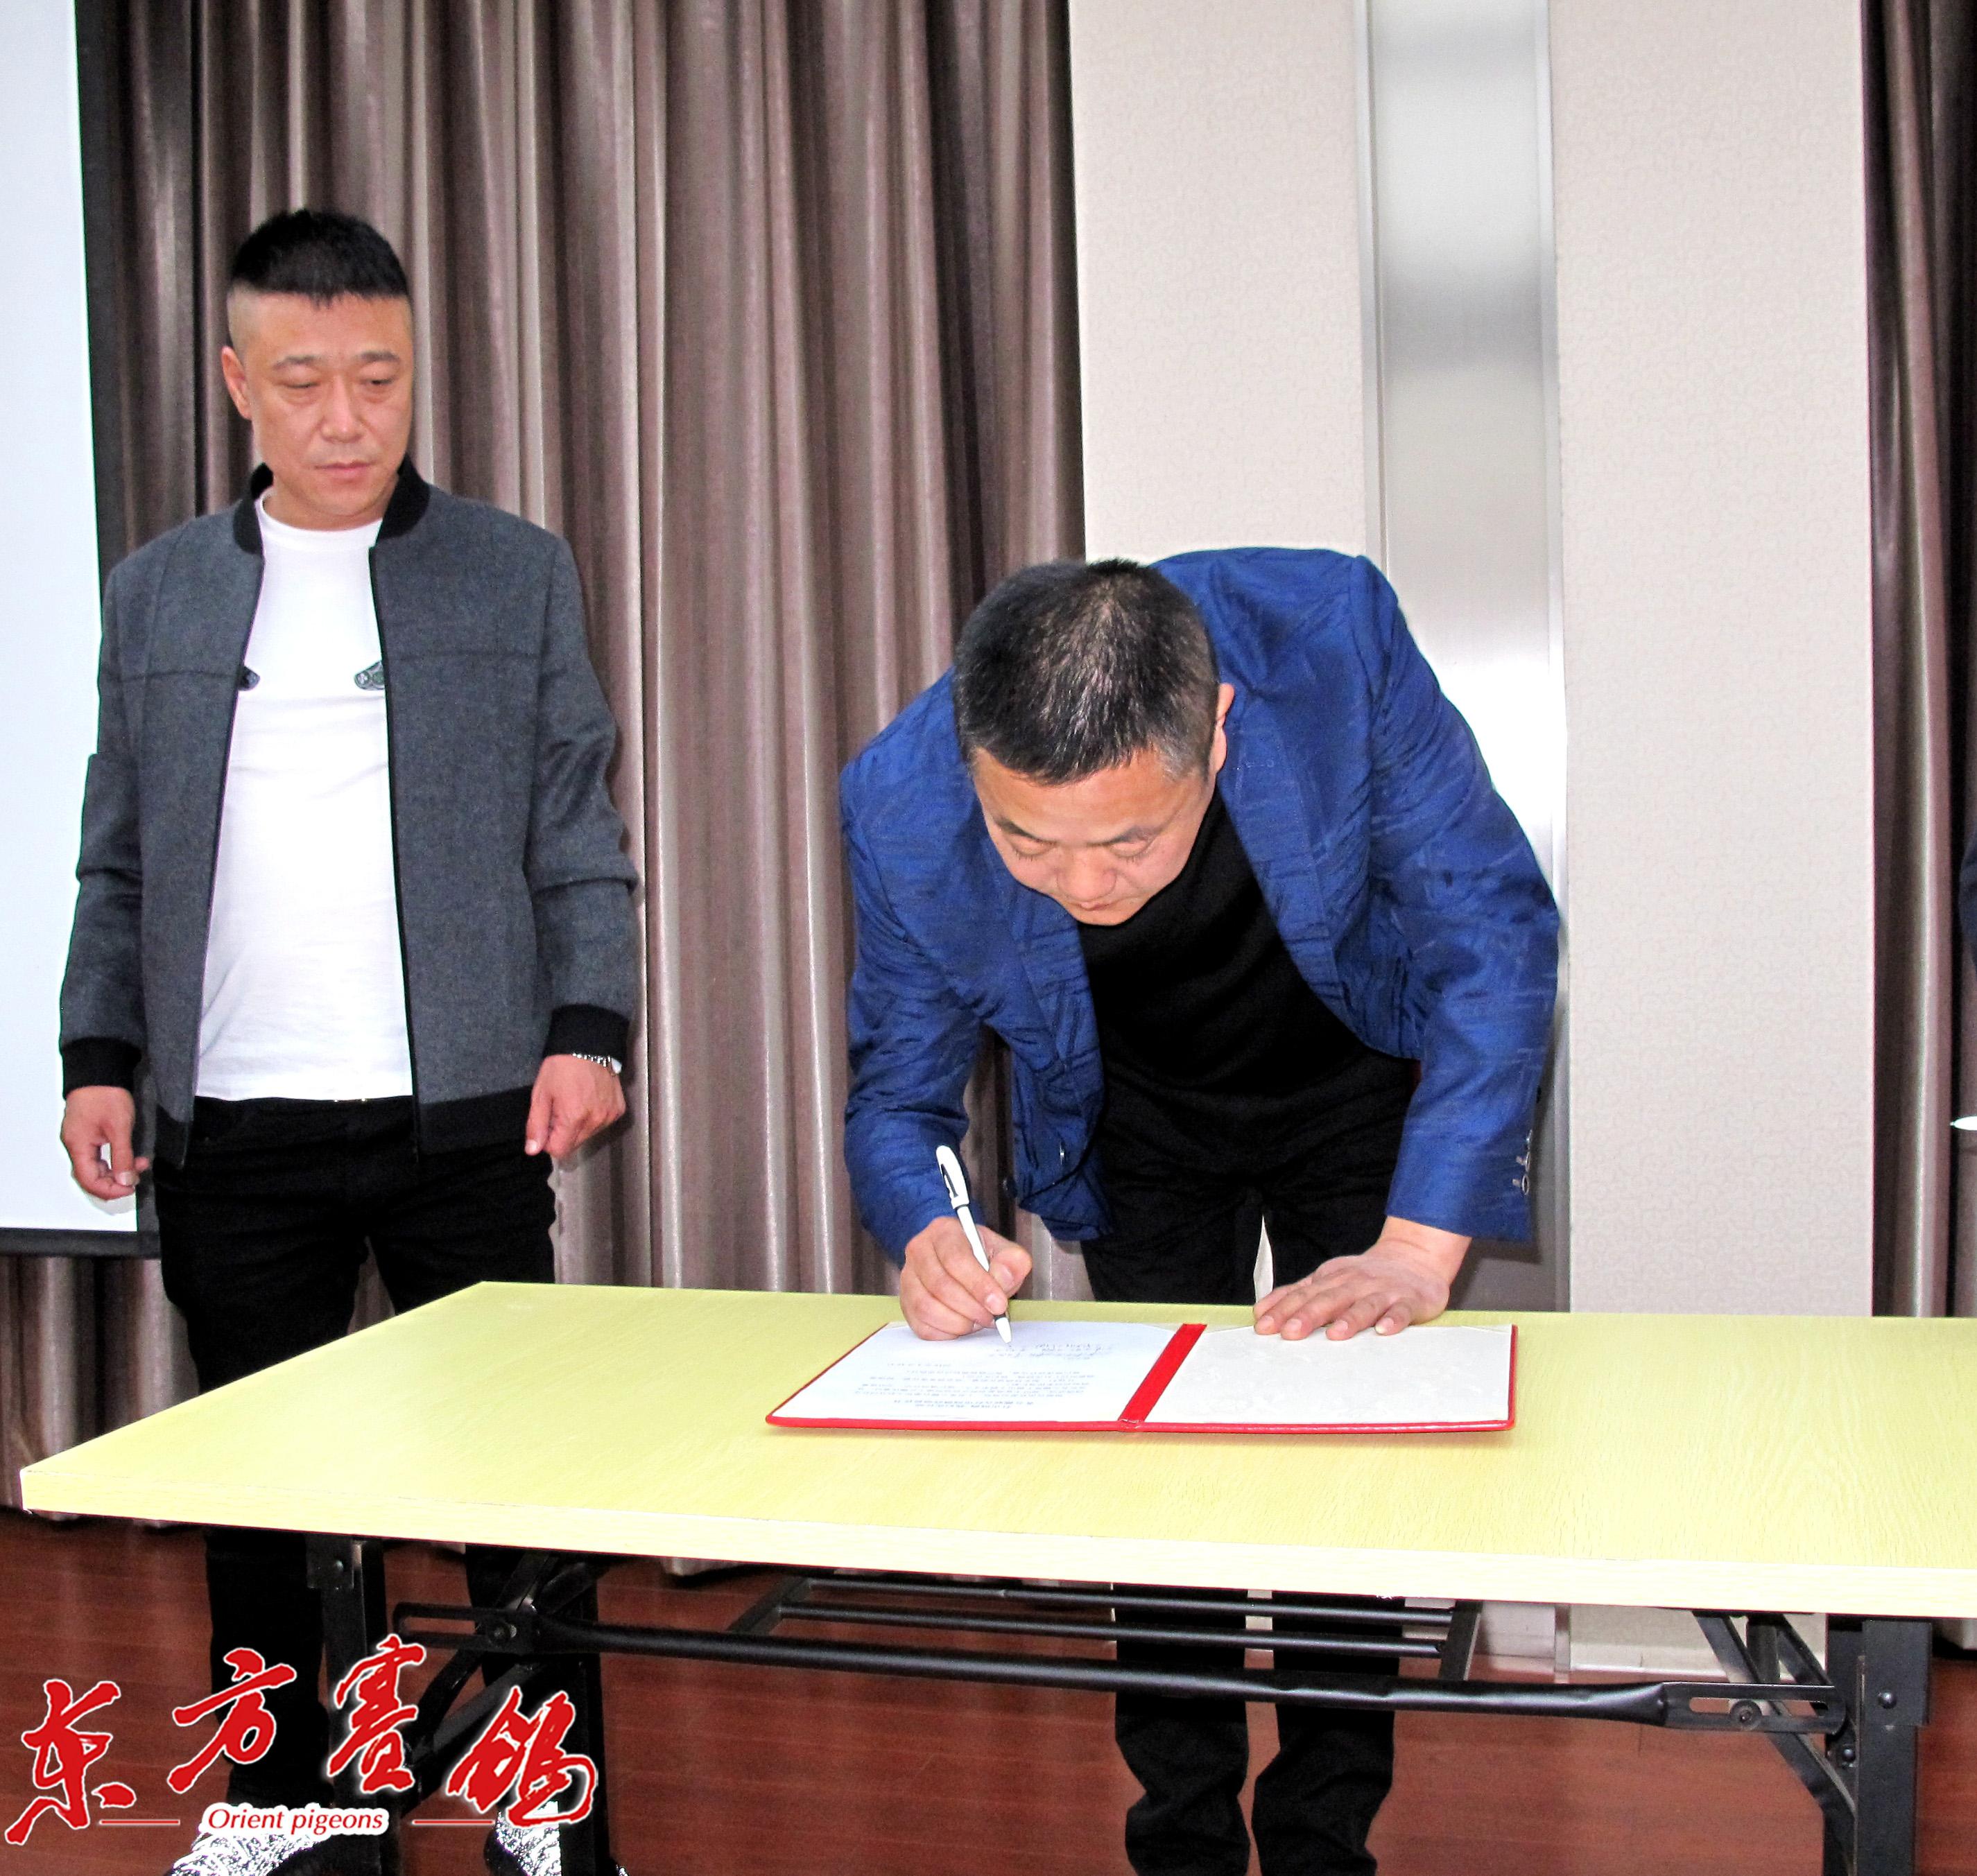 12、天津卓翔公棚董事长王军-右、天津彪行天下公棚姜荗旺-左,在打击网鸽活动协议书上签字。